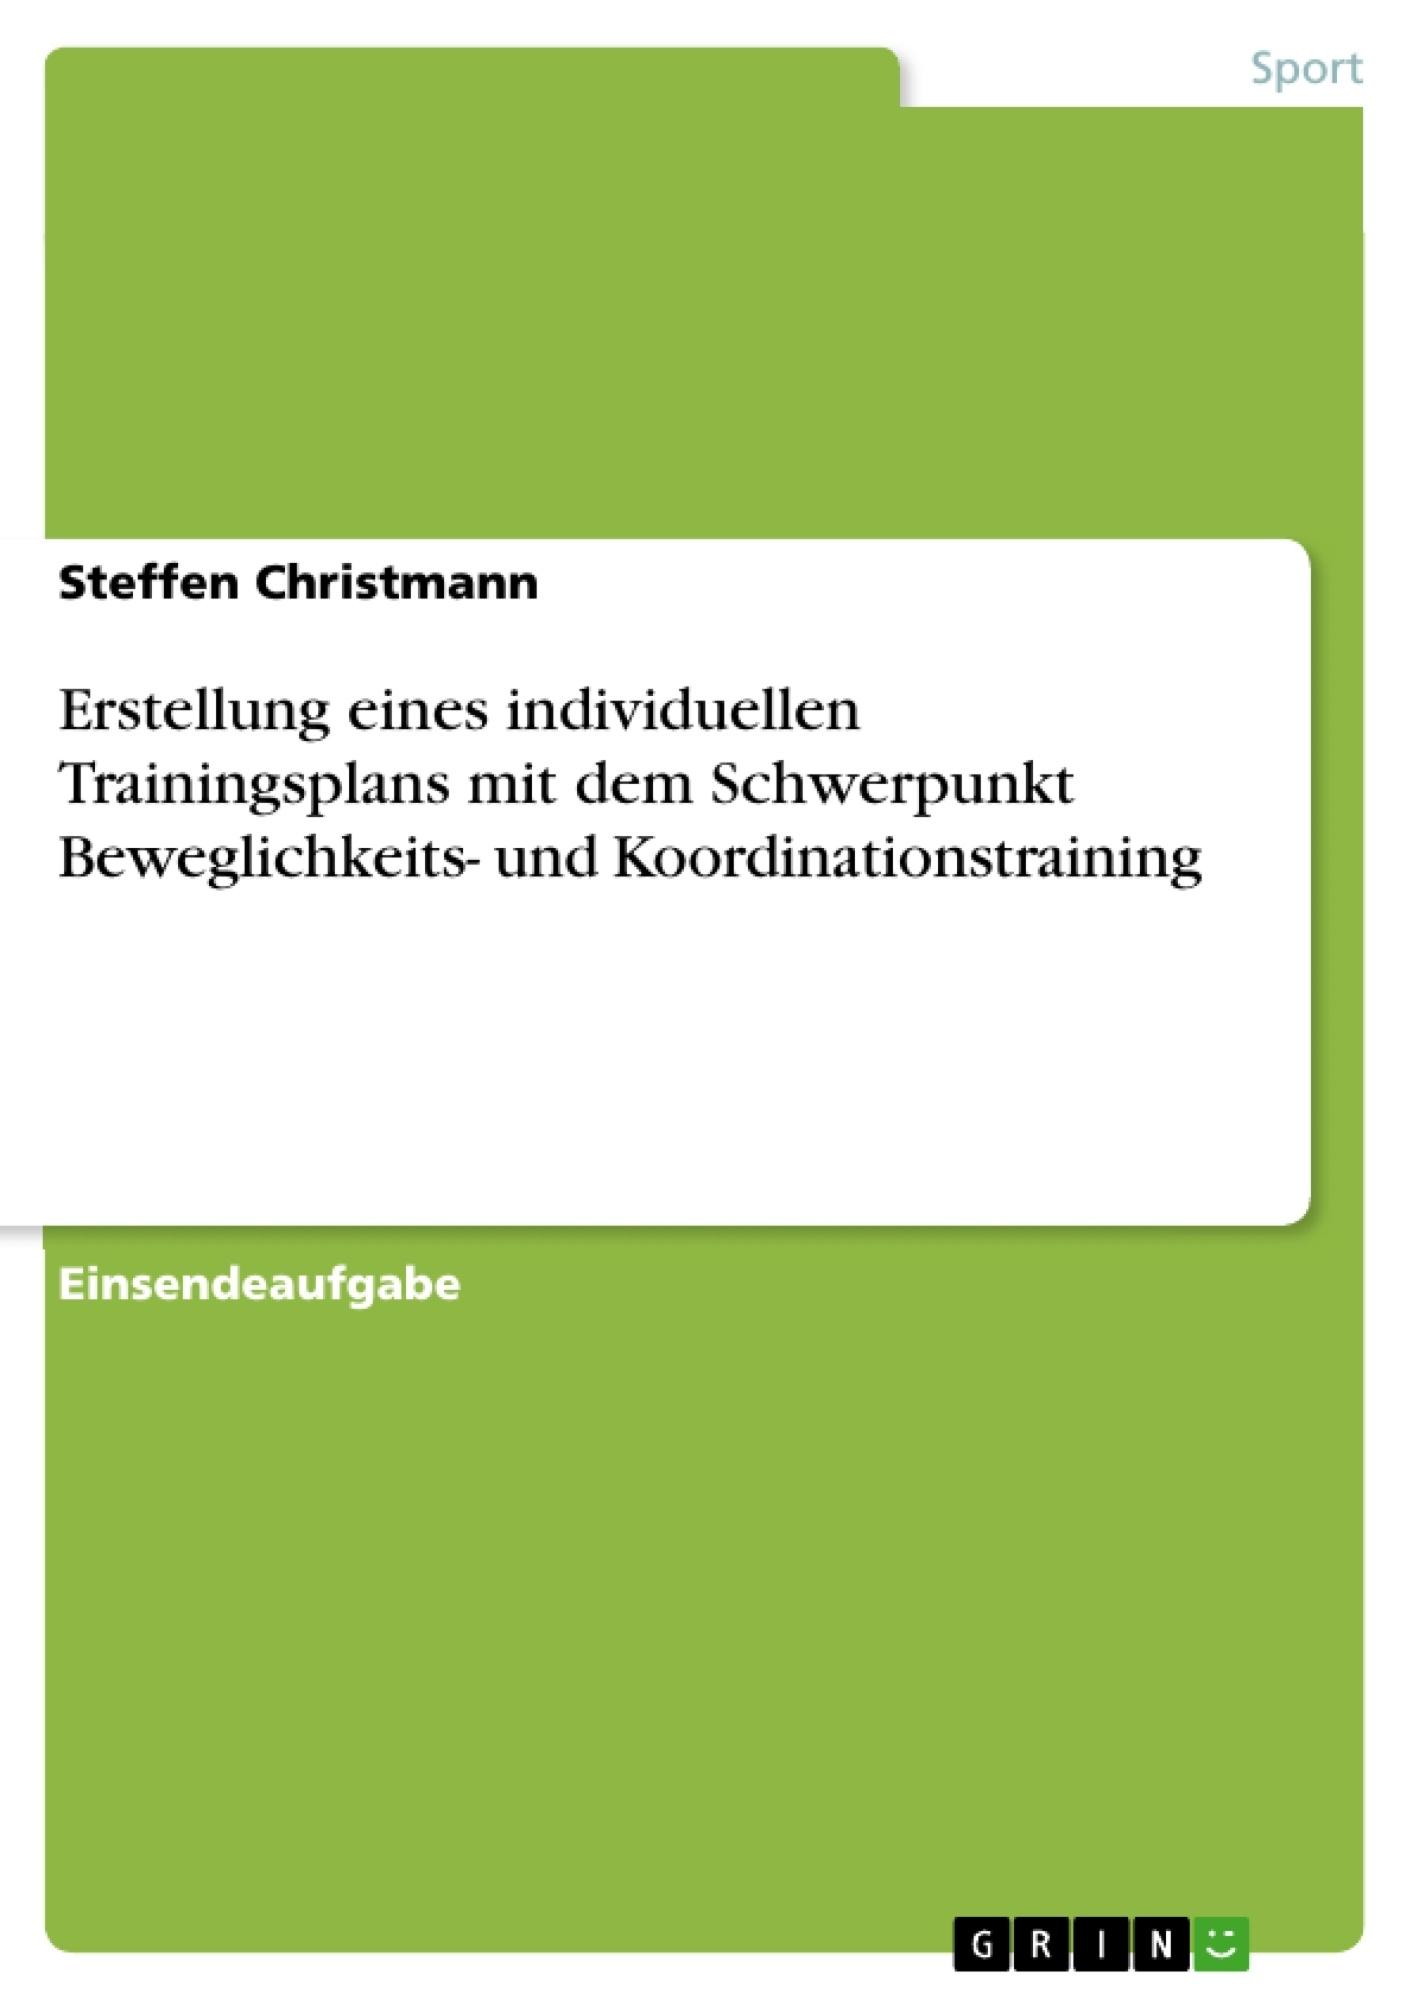 Titel: Erstellung eines individuellen Trainingsplans mit dem Schwerpunkt Beweglichkeits- und Koordinationstraining